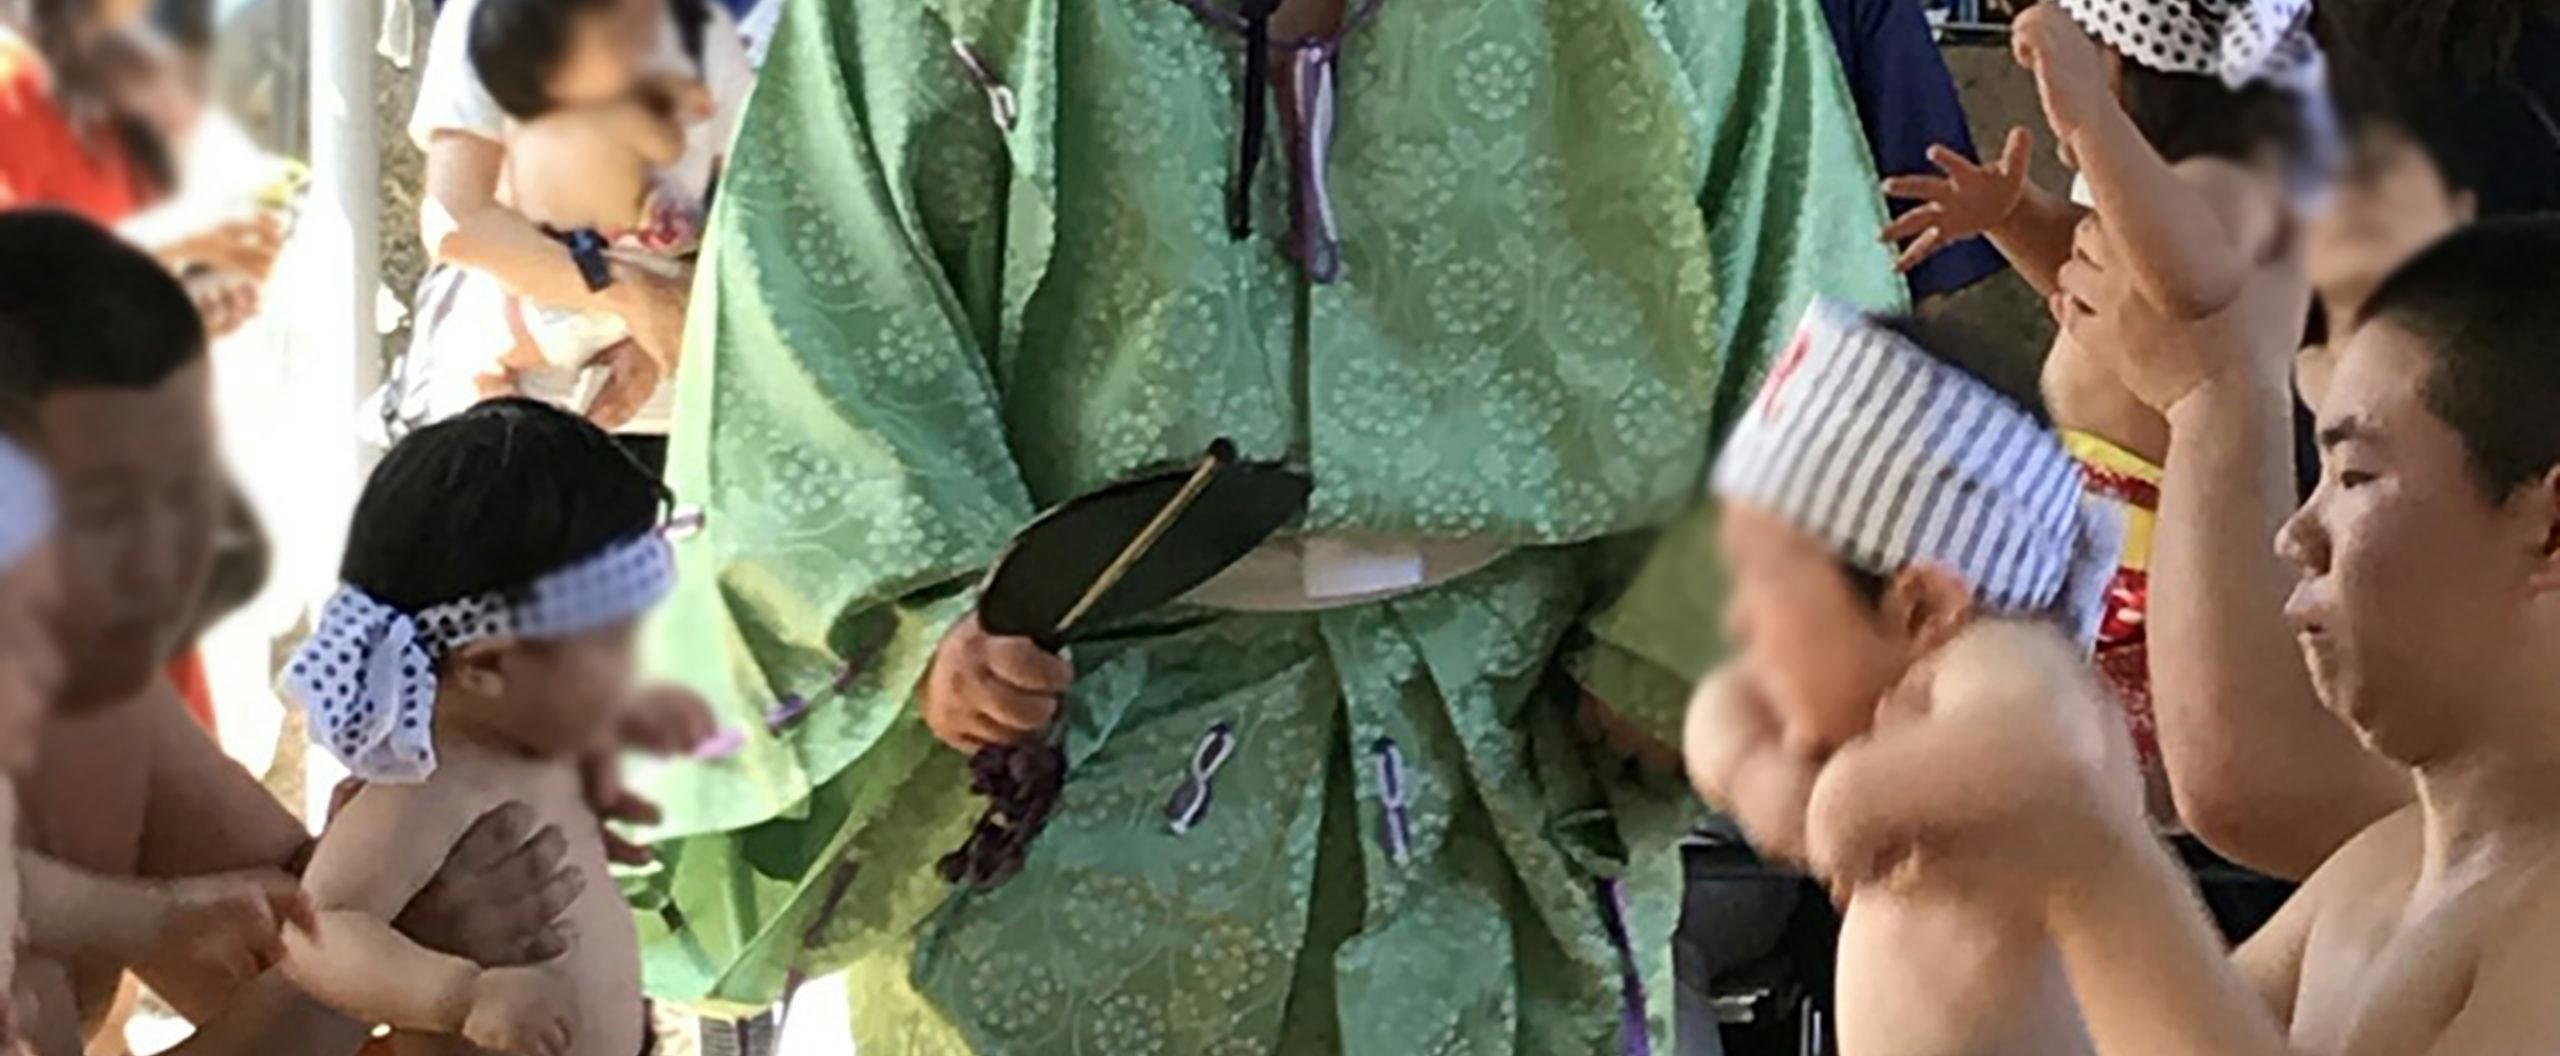 加古川初!国宝・鶴林寺泣き相撲奉納公式ホームページです。泣き相撲奉納とは赤ちゃんを授かったことに感謝すると共に健康と成長を祈願する日本伝統行儀です。